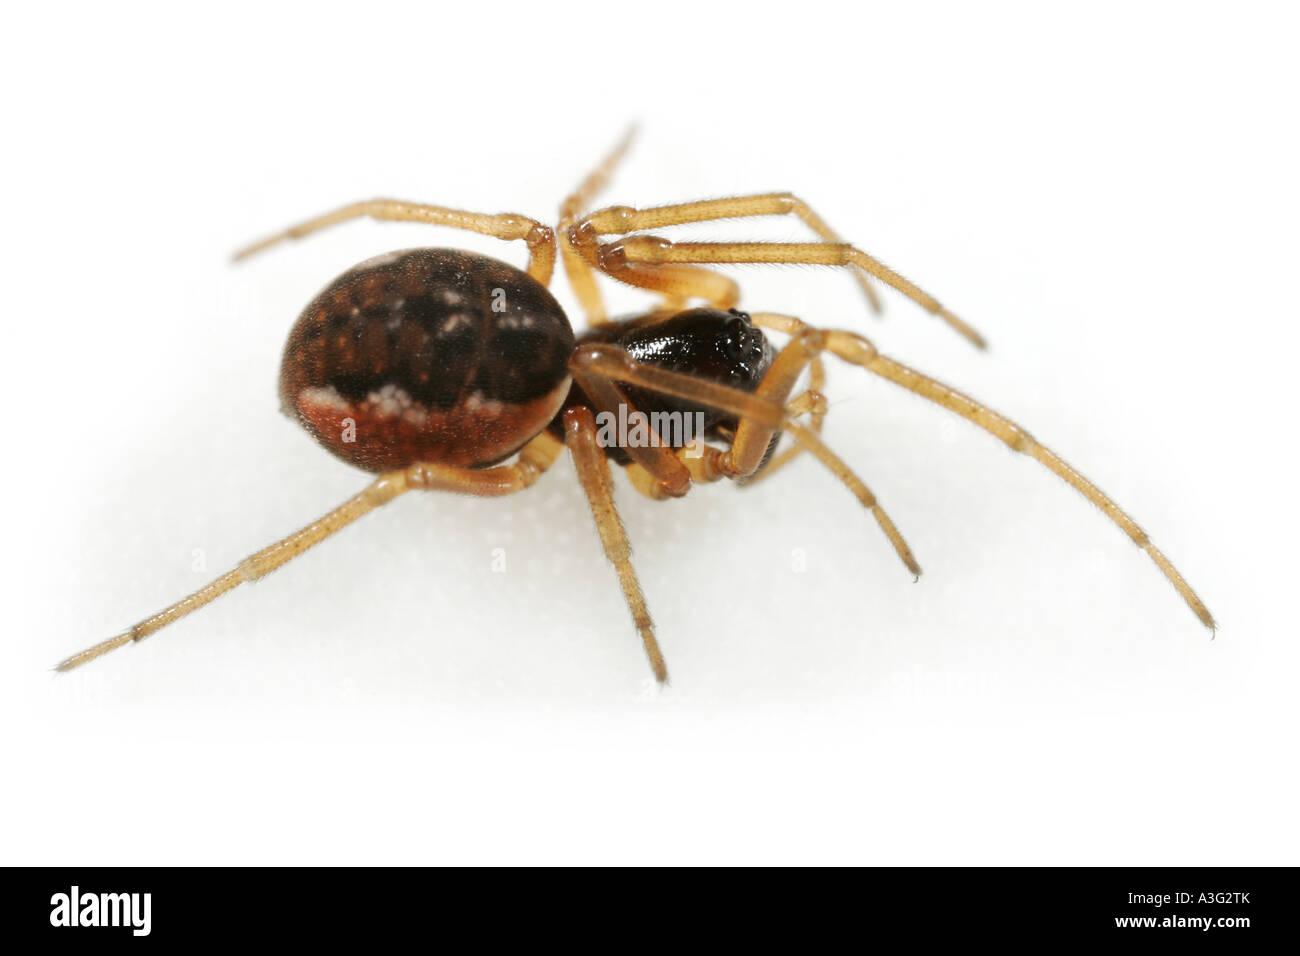 A Pachygnatha degeeri spider, Tetragnathidae family, on white background. Stock Photo